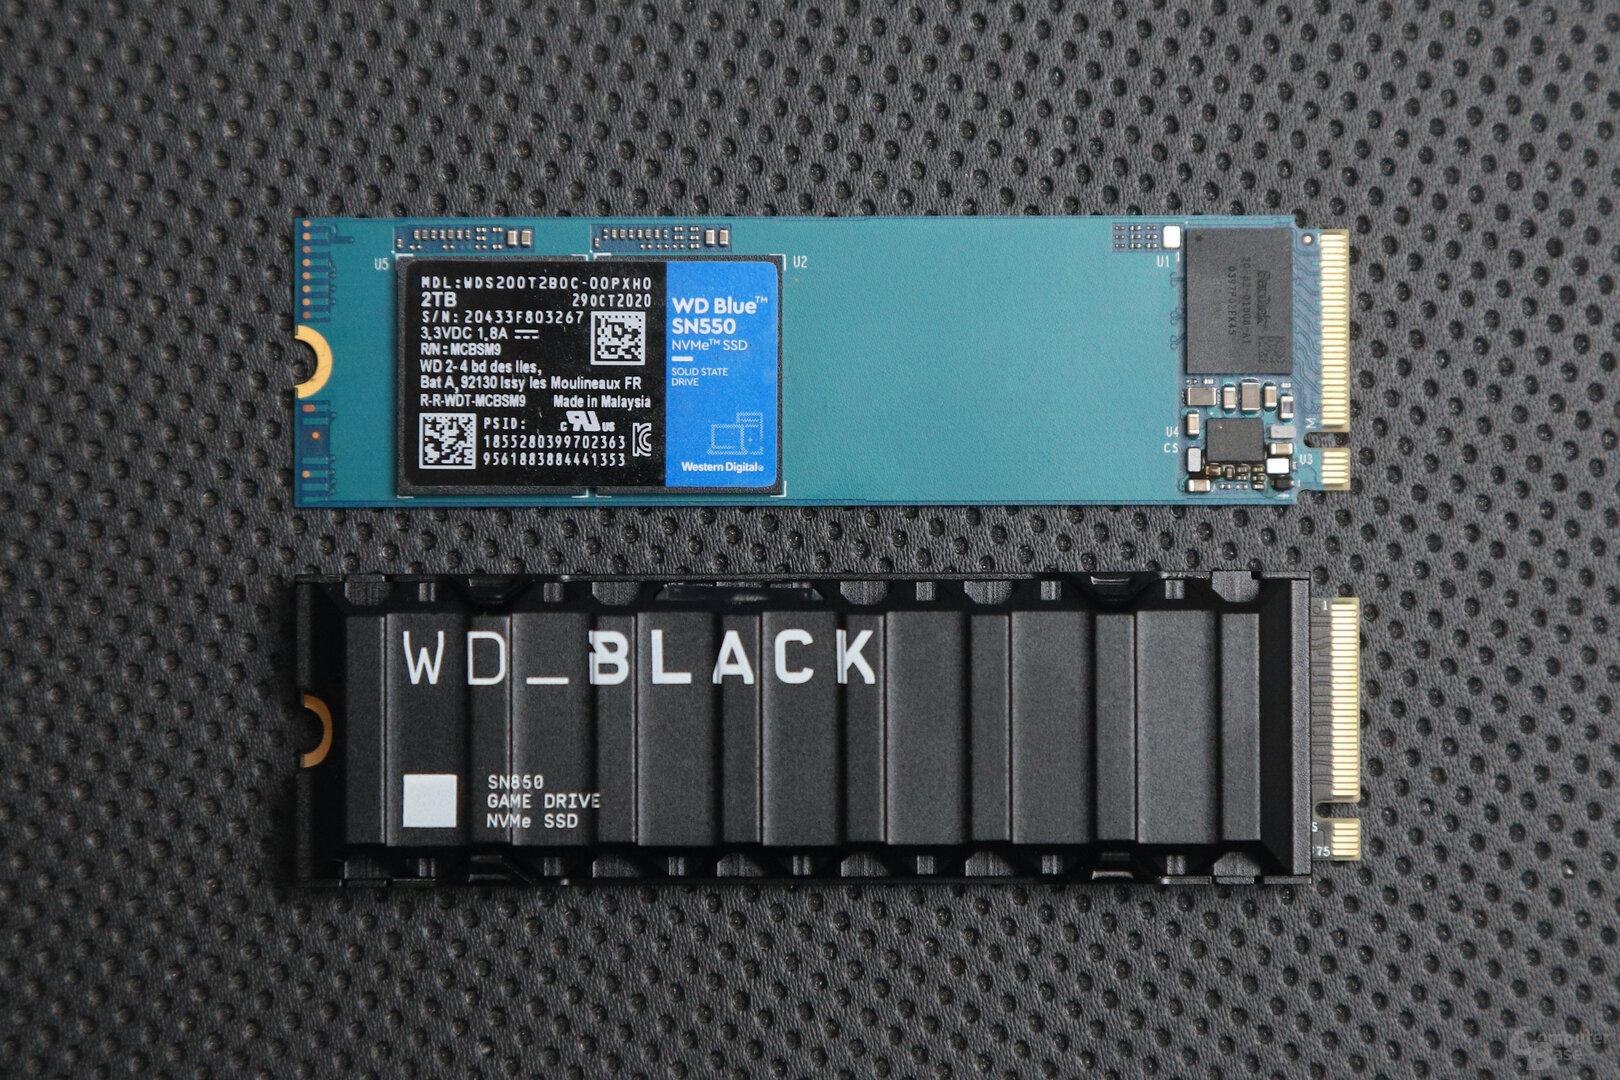 WD Blue SN550 (oben) und WD Black SN850 (unten)